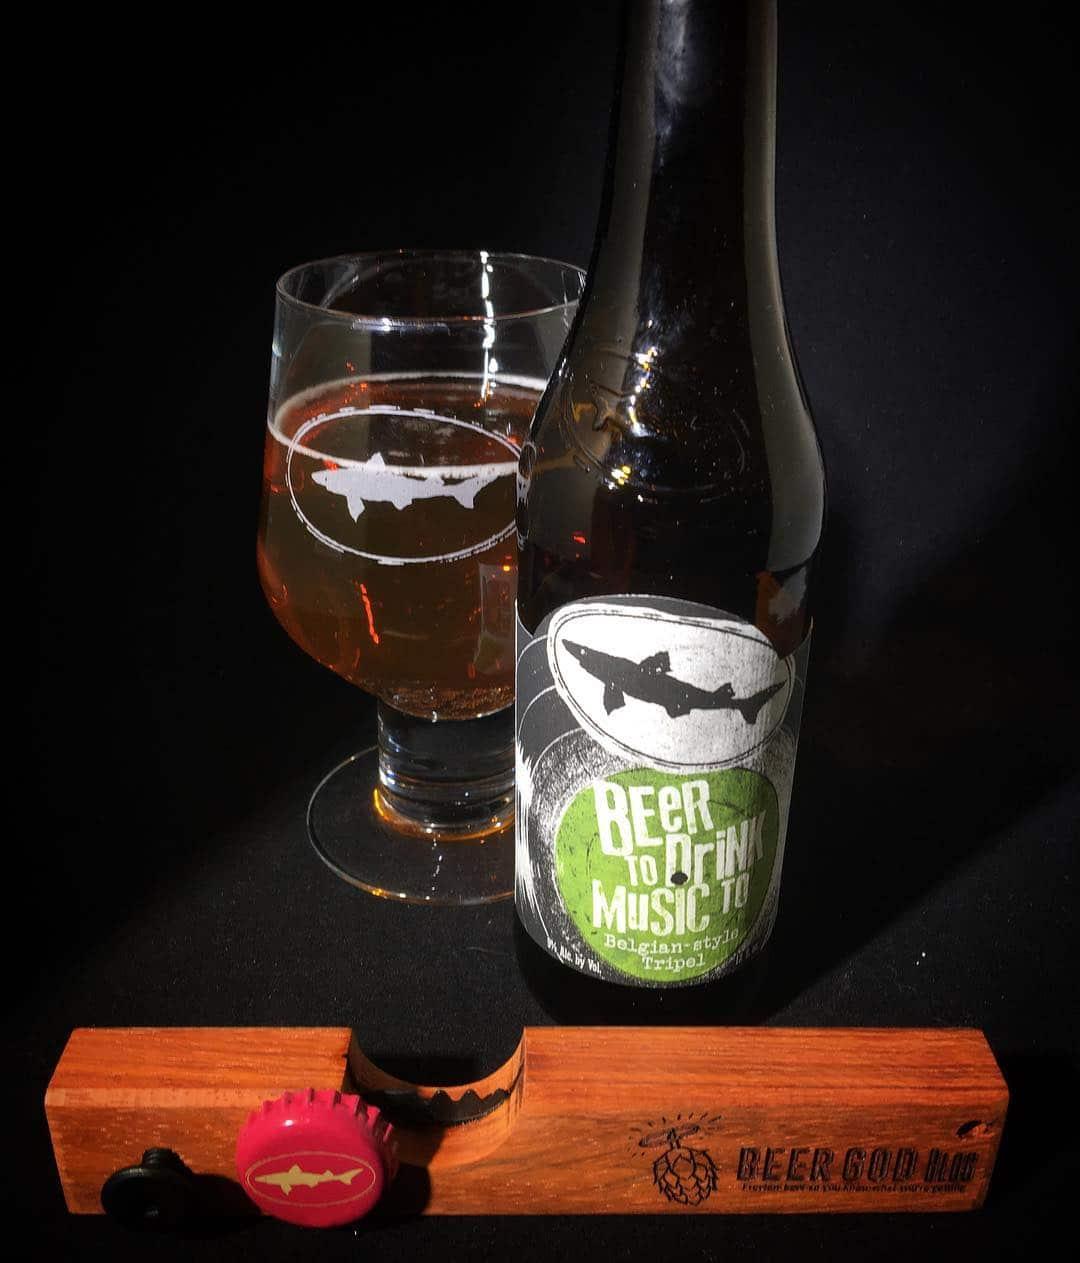 @dogfishbeer Beer to Drink Music To Belgian Tripel